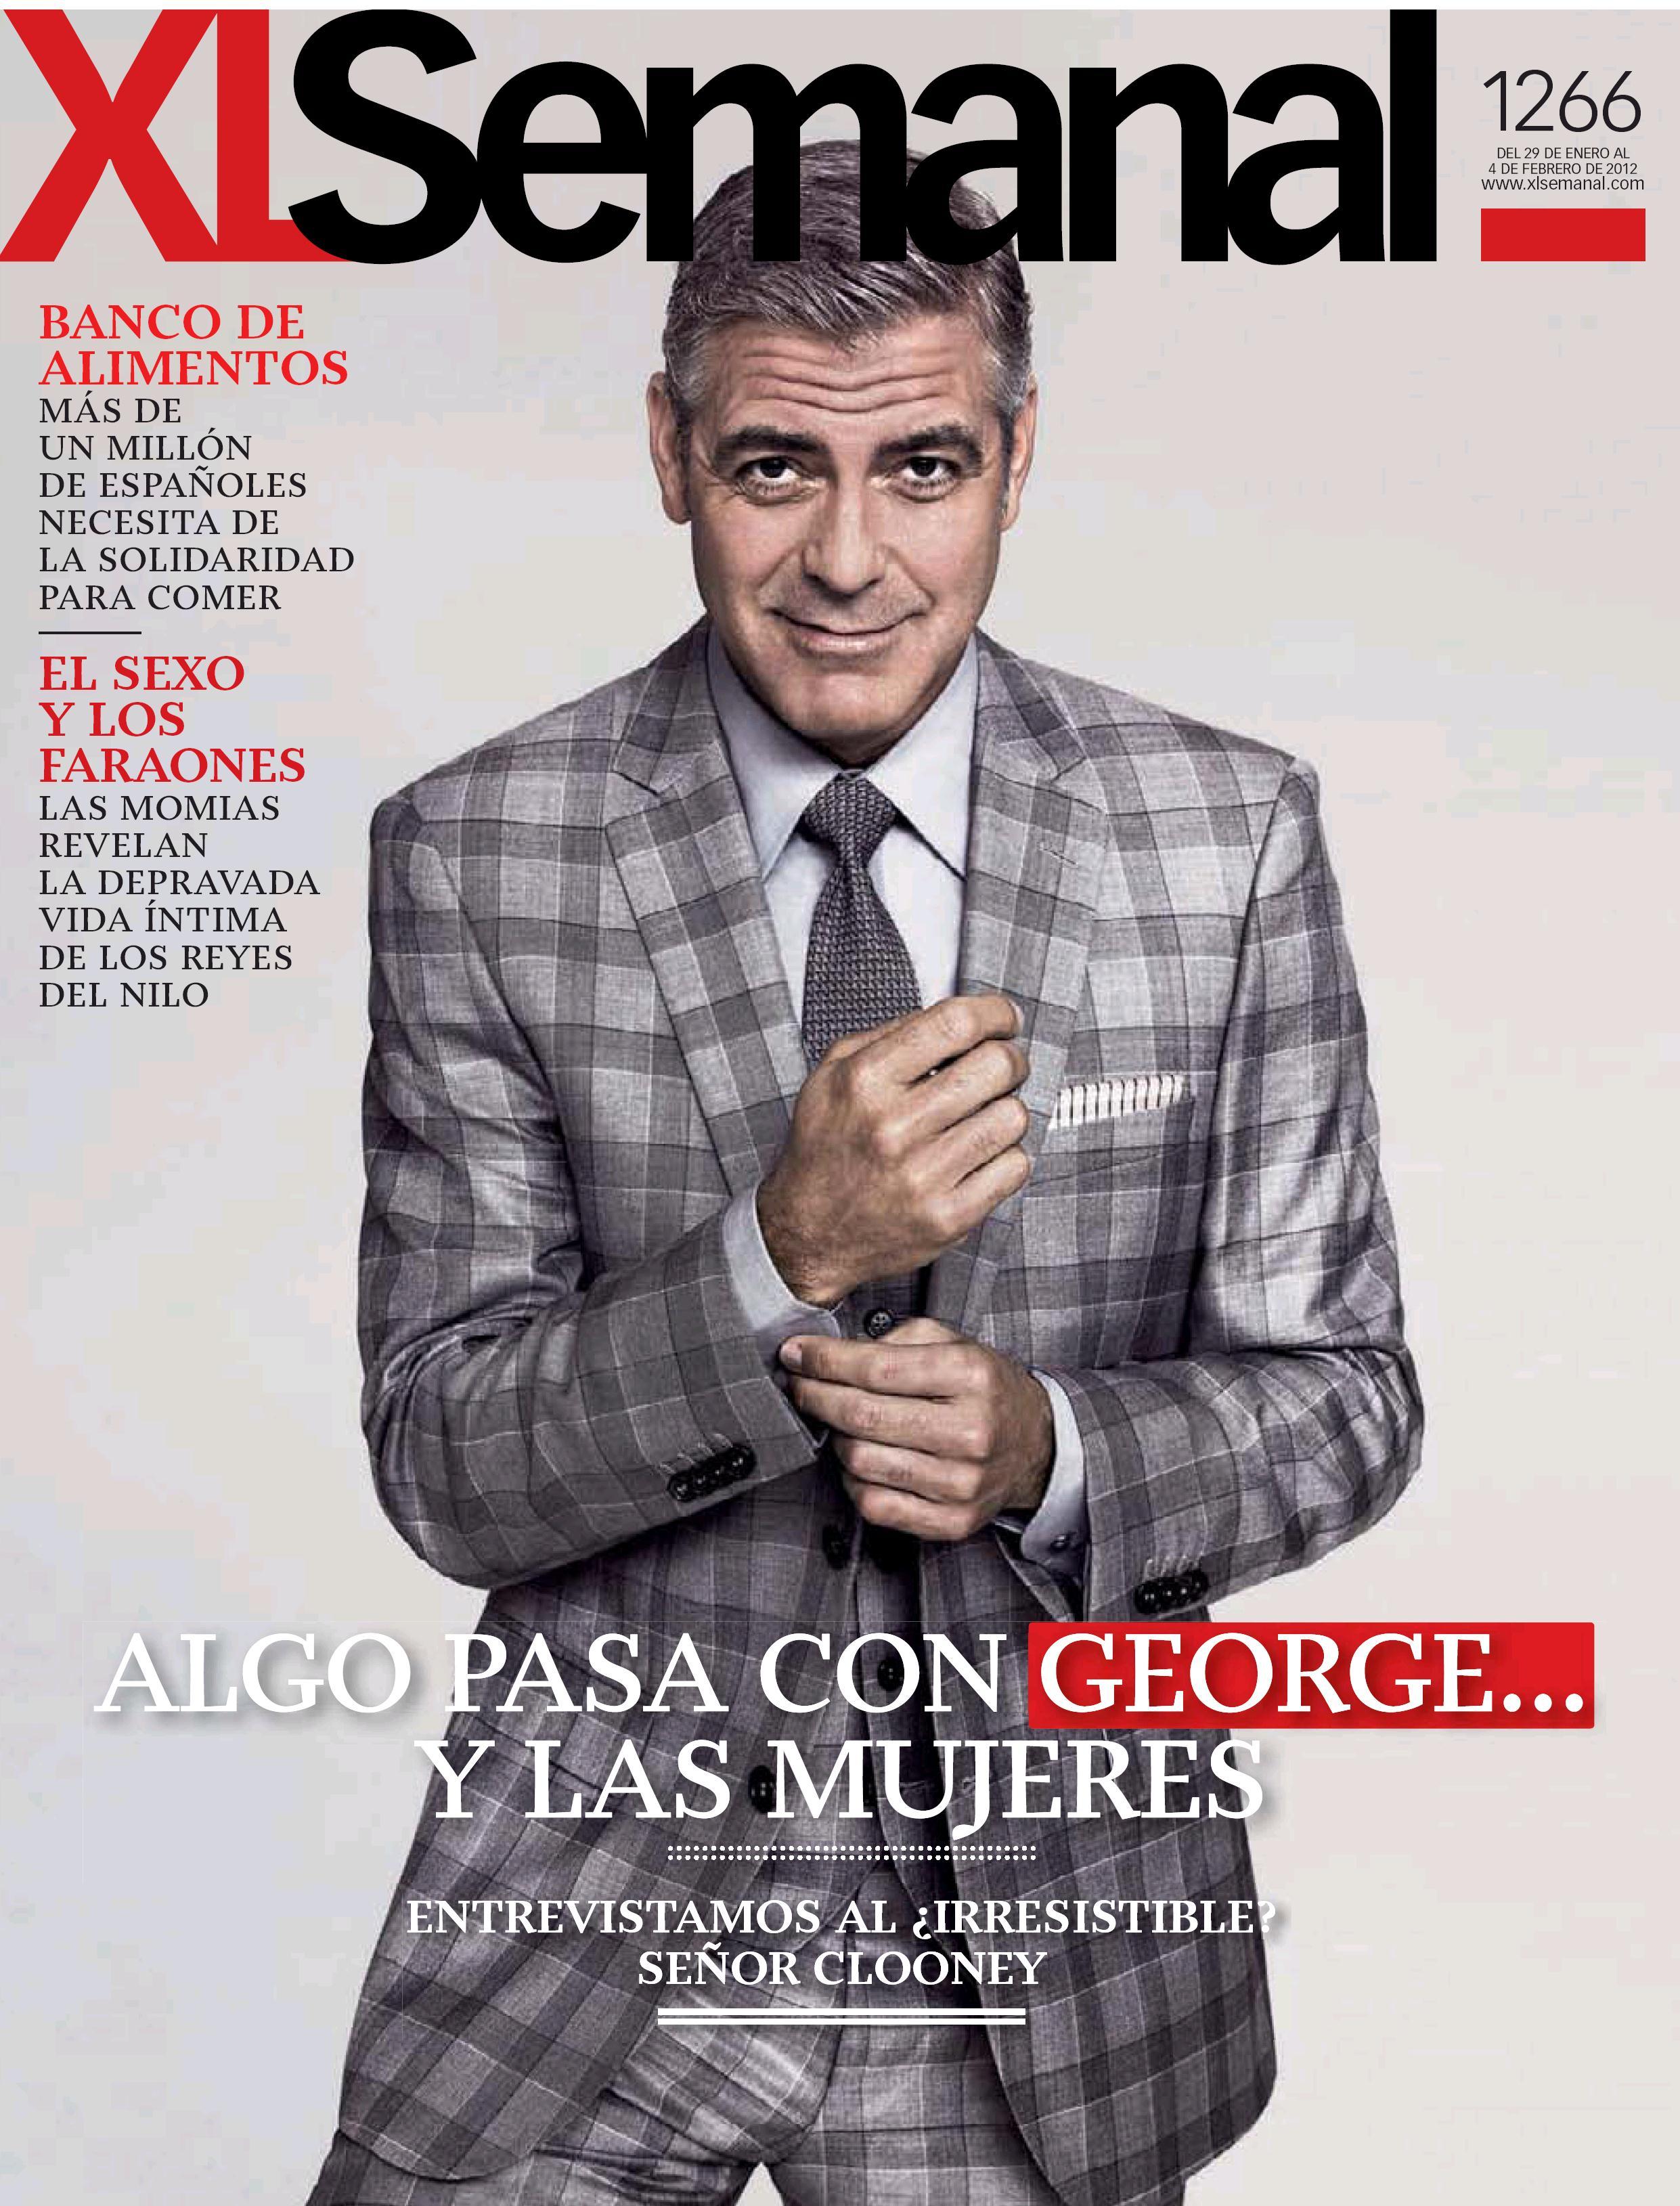 XL Semanal portada 29 enero 2012